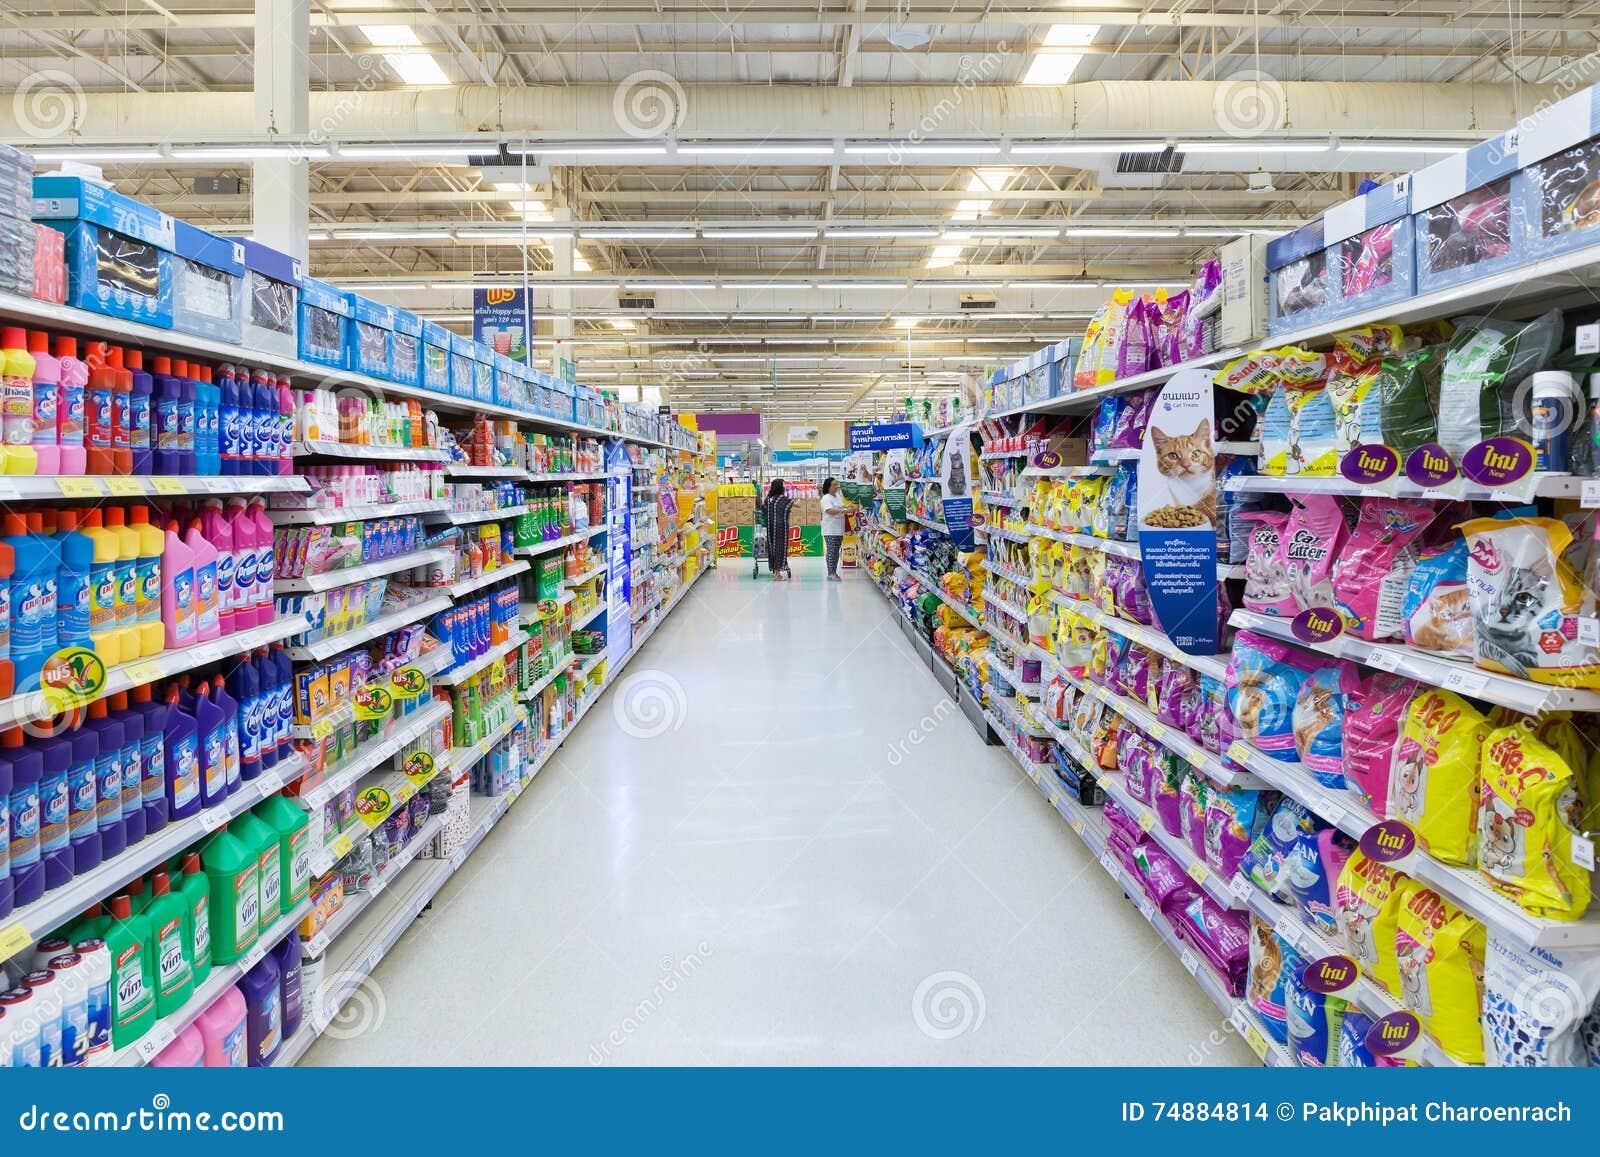 Opinião do corredor de um supermercado de Tesco Lotus